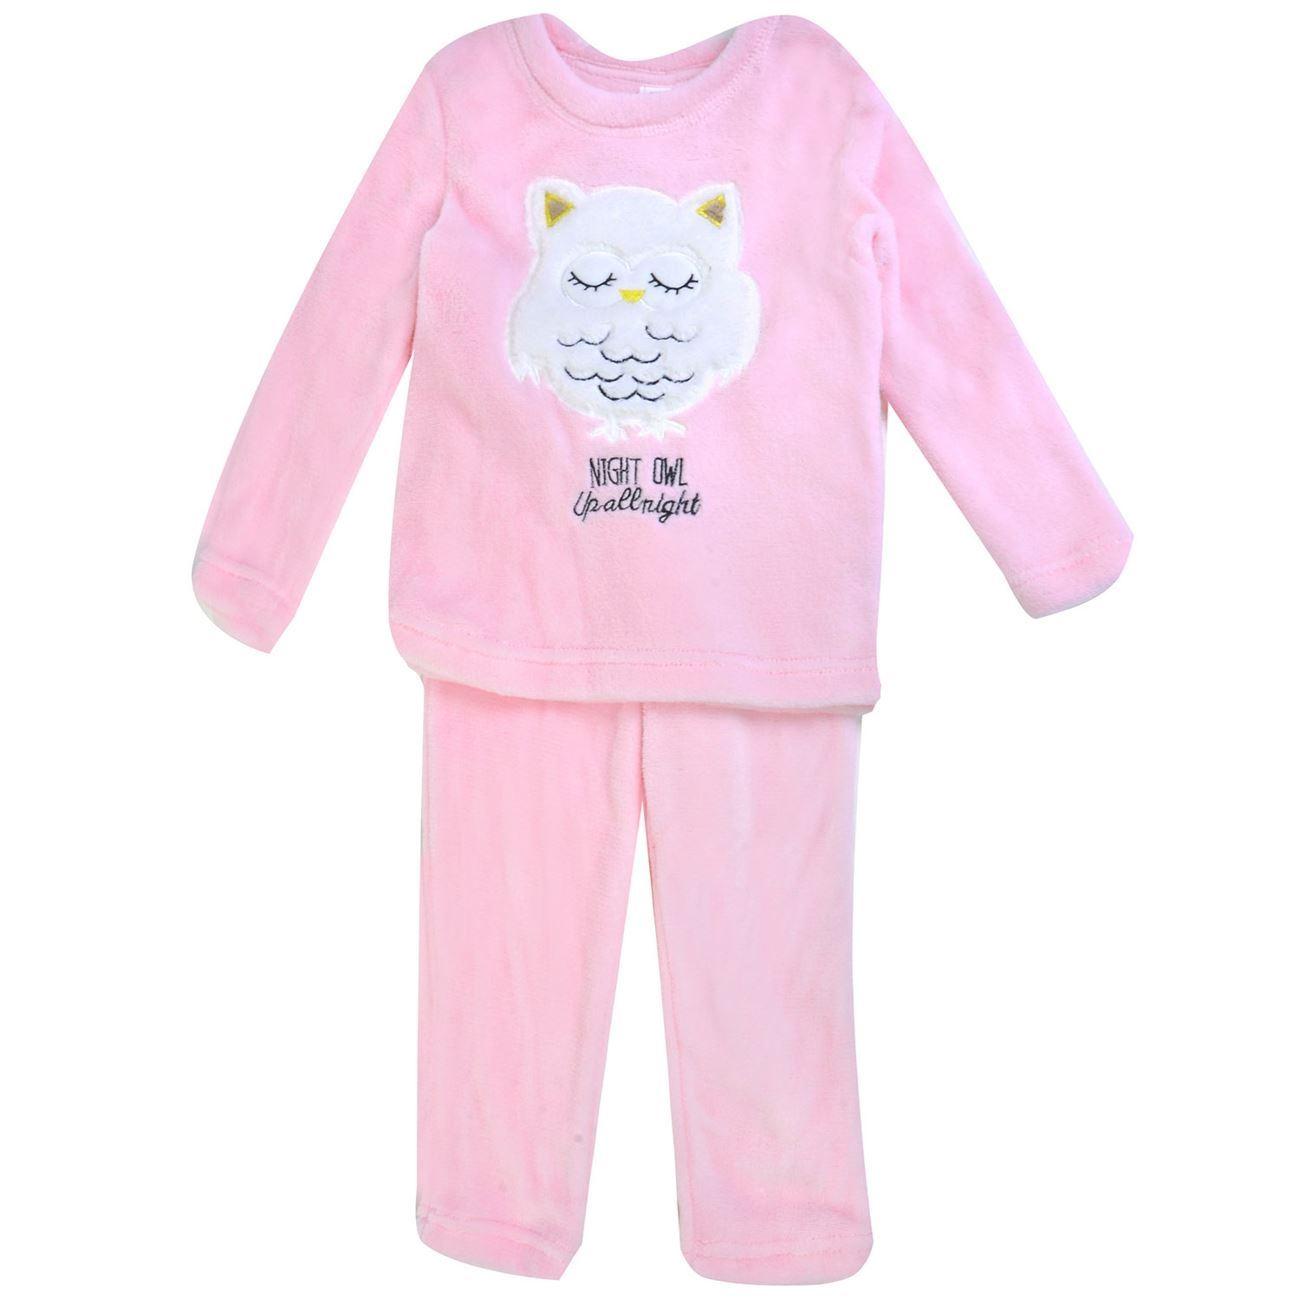 Πυτζάμες Παιδικές Fleece Κουκουβάγια   Πυτζάμες Παιδικές Fleece ... eae6dc3afdb